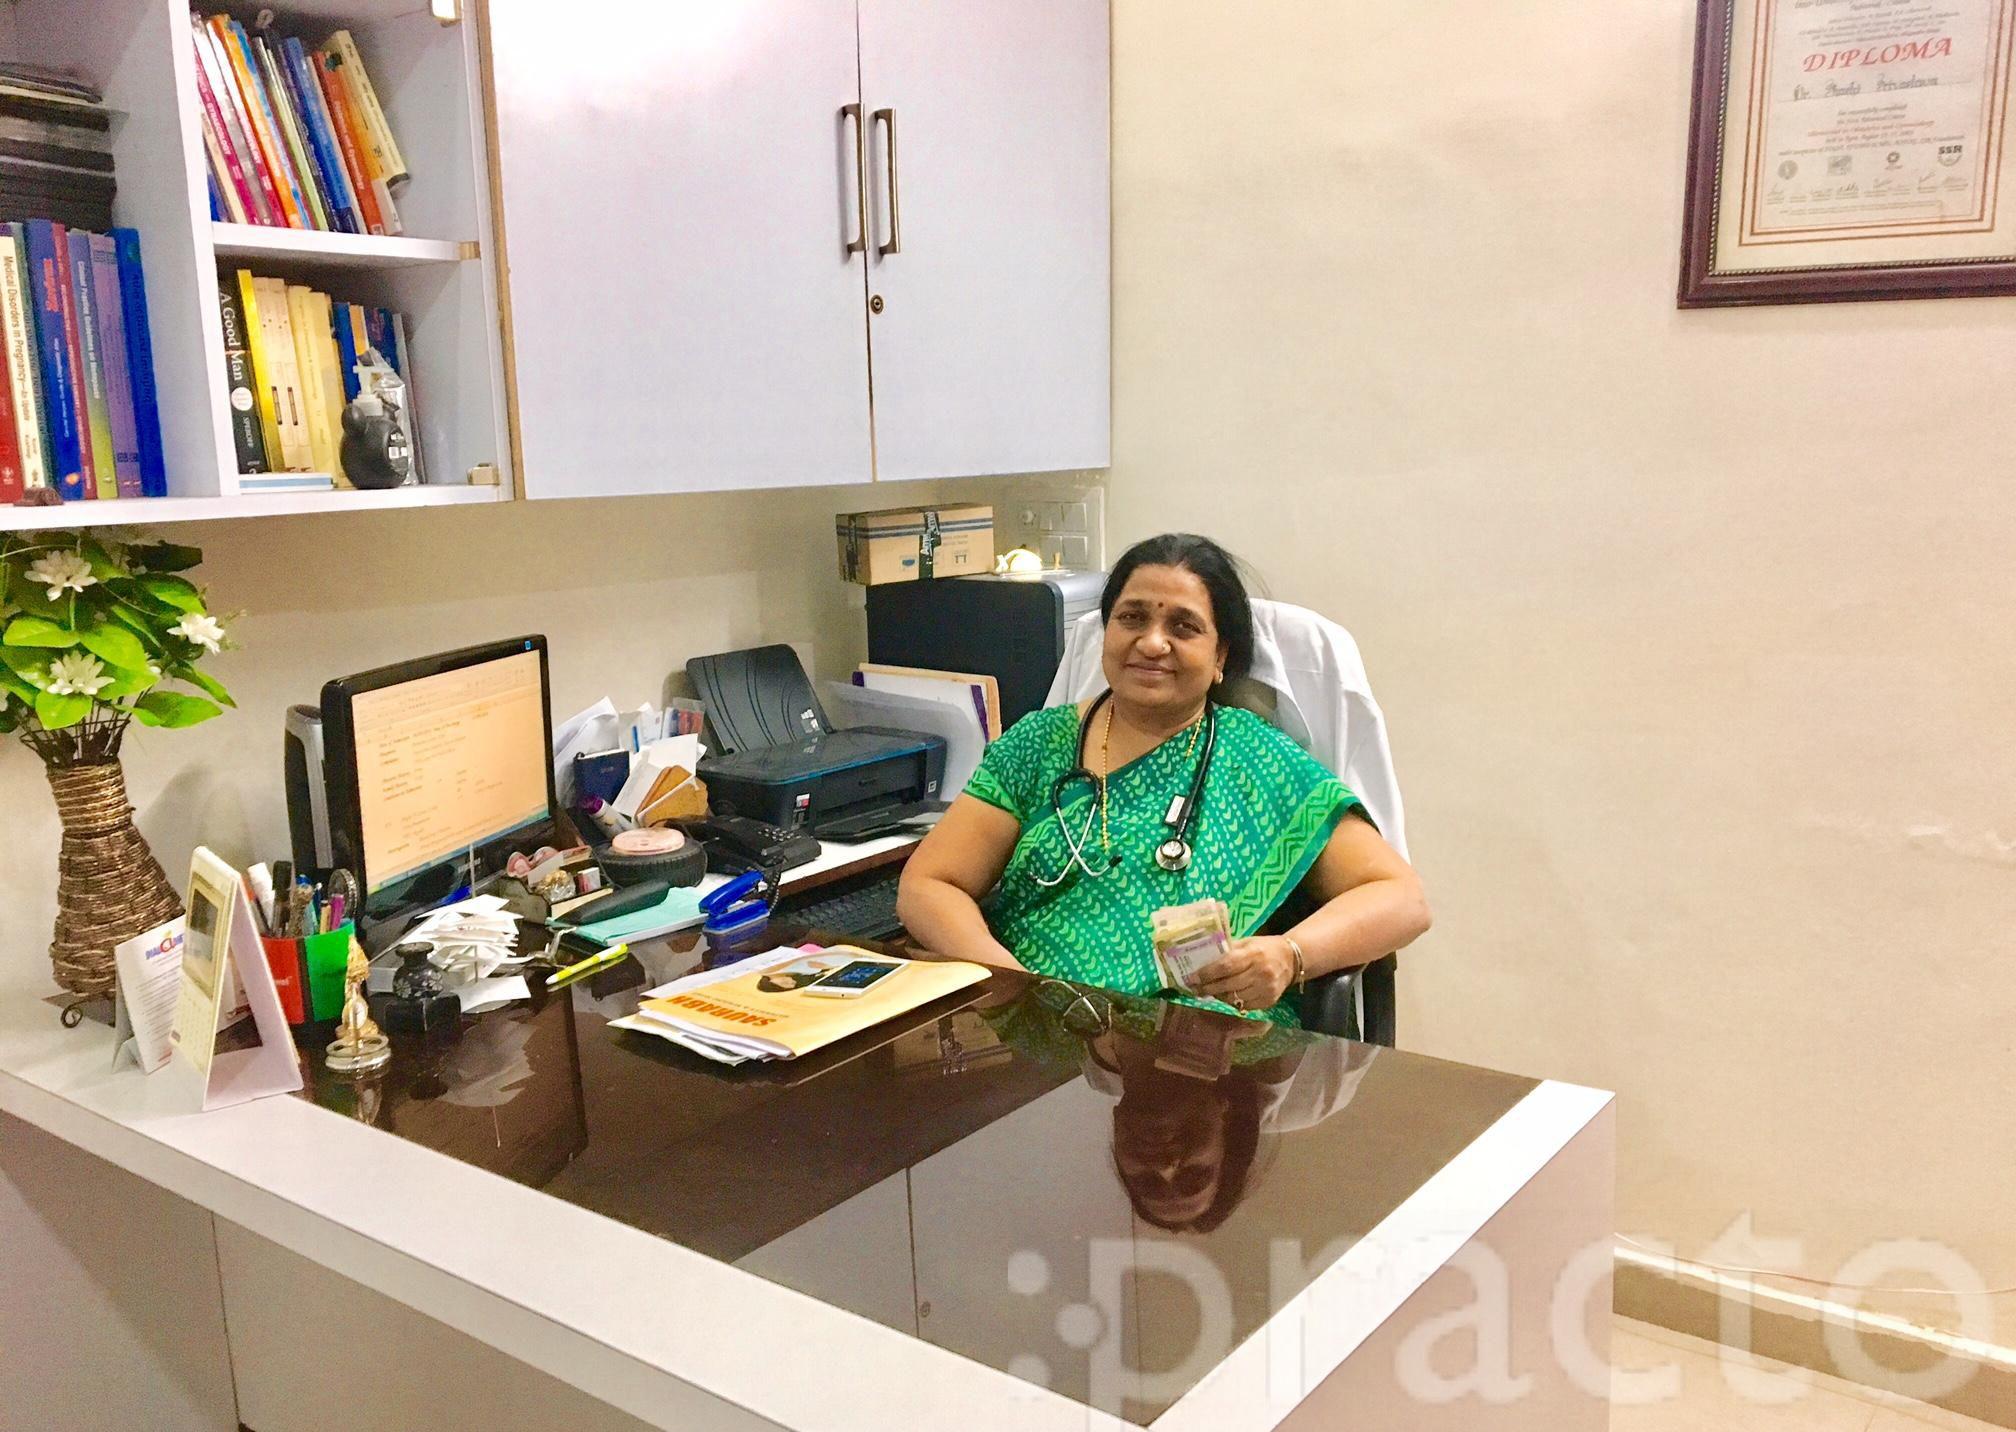 Shashi Shrivastava display image